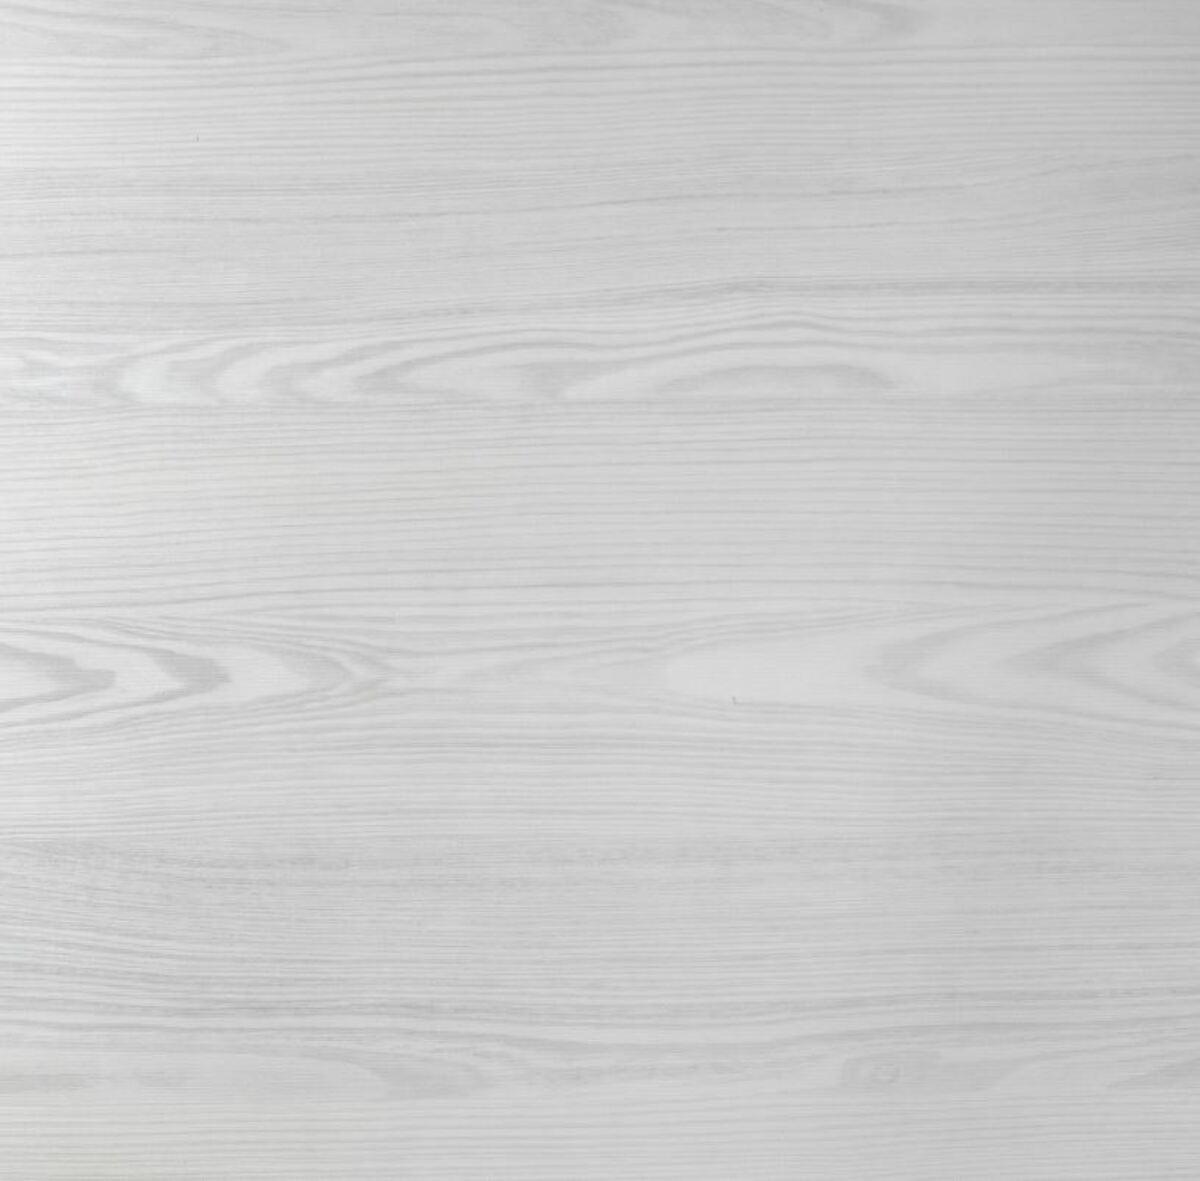 Kuchynská skrinka s výsuvným systémom spodná Naturel Gia 20 cm borovica biela BCA2072BB